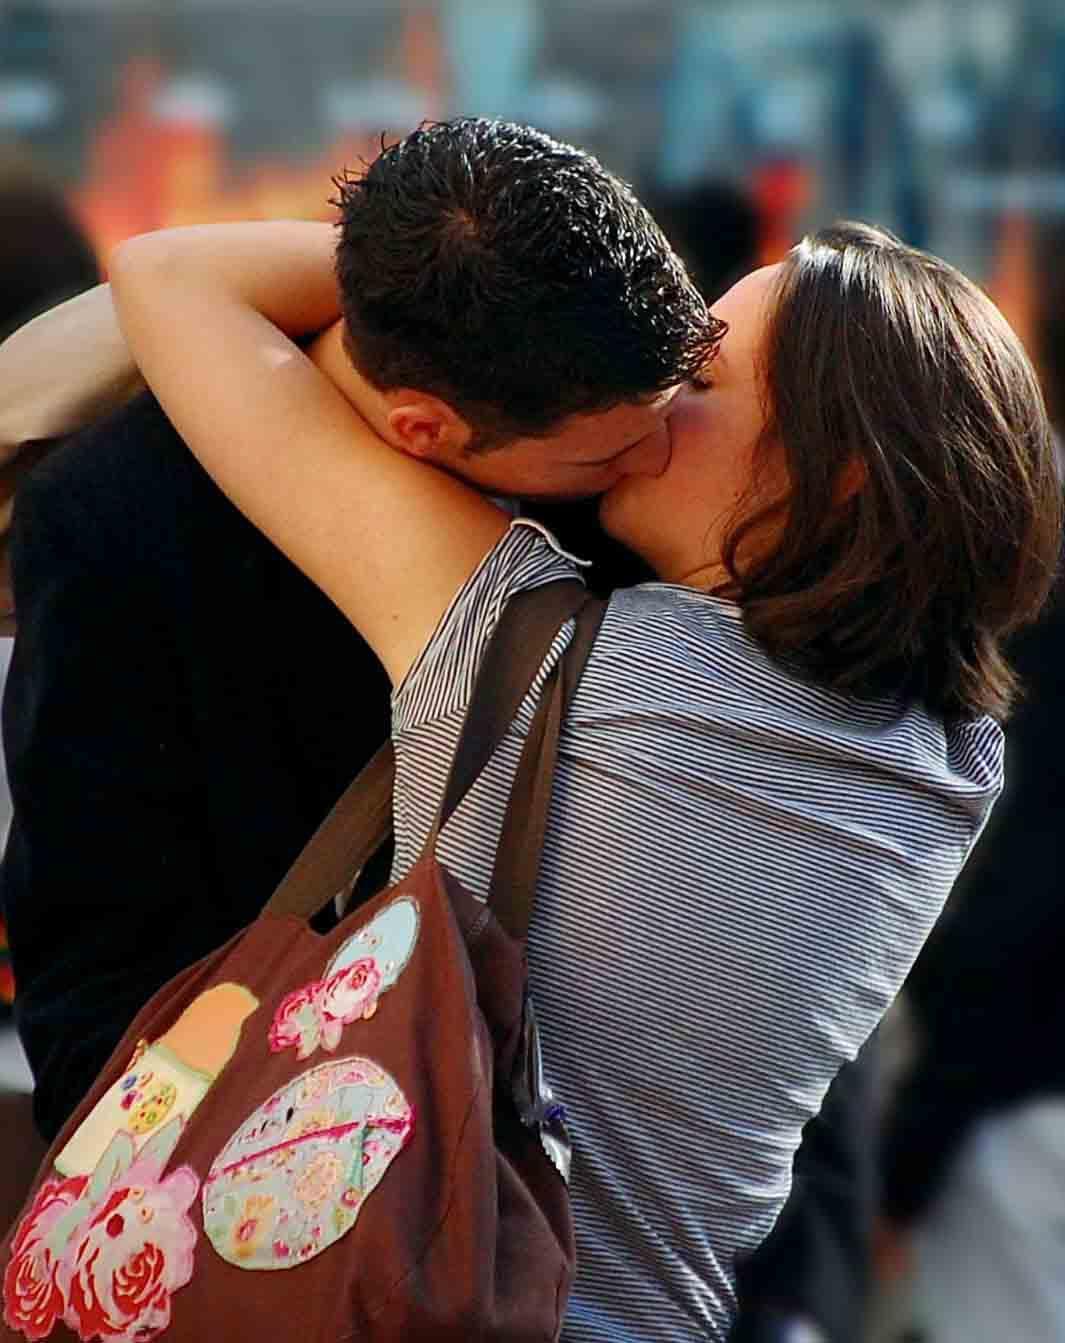 Romantic Kiss Wallpapers Hd для андроид скачать Apk